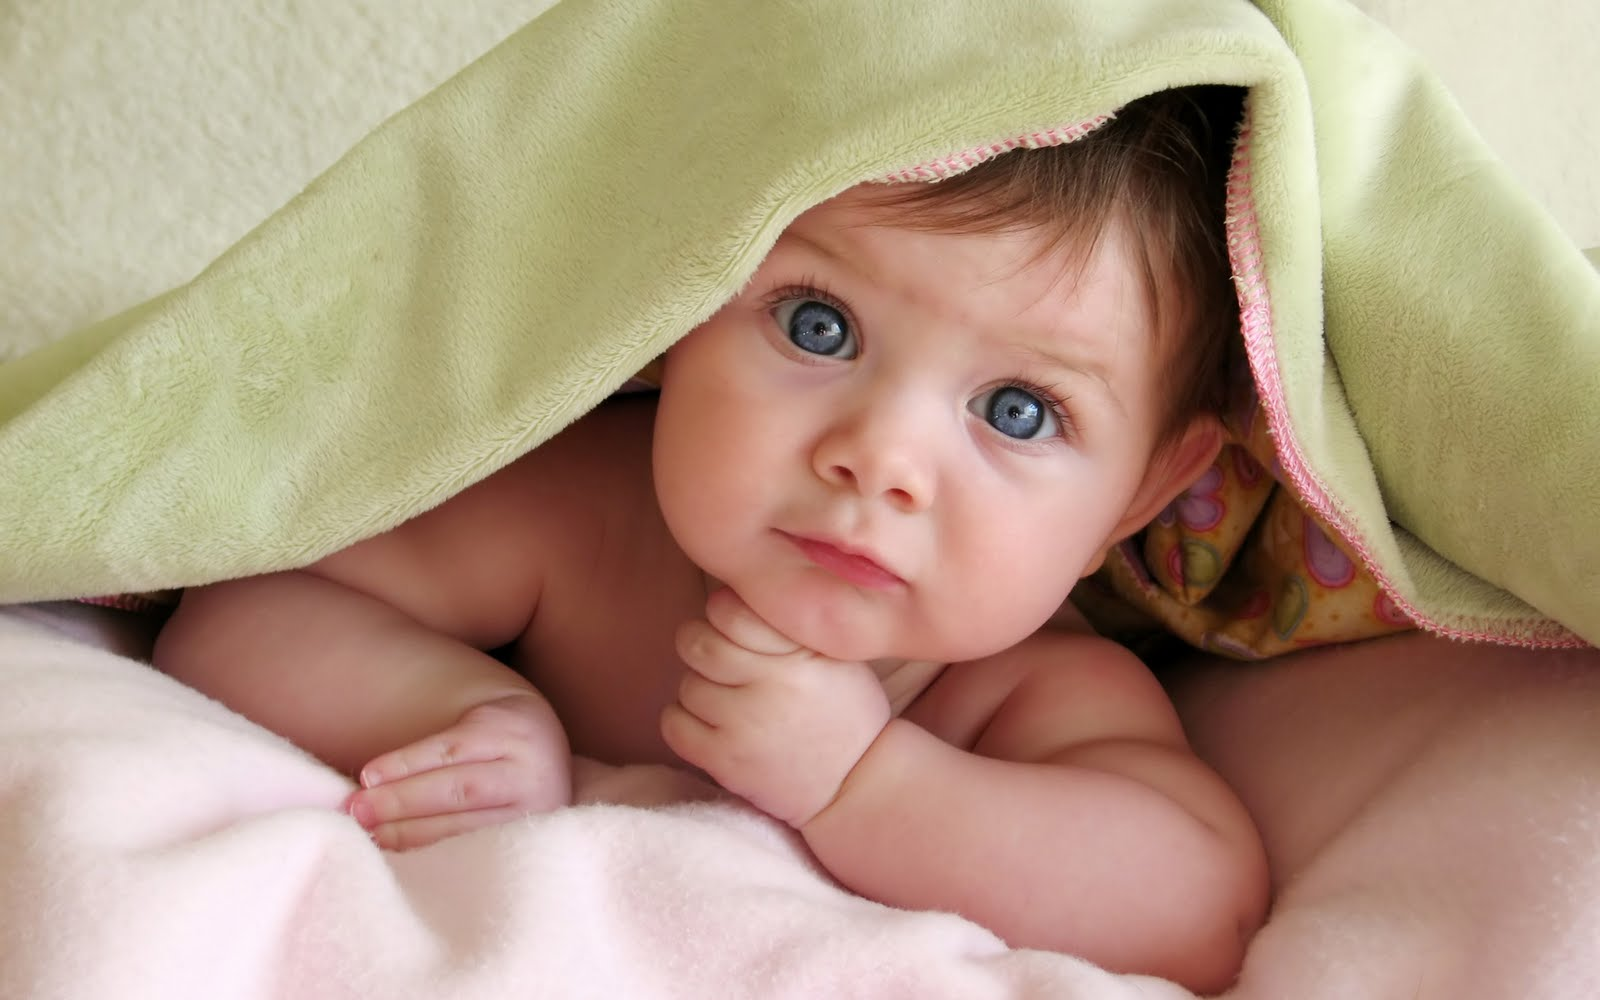 http://2.bp.blogspot.com/-14NICJZZs9c/TbhHBs95cDI/AAAAAAAAAas/9JhFxYp1QiY/s1600/babyk1020.jpg